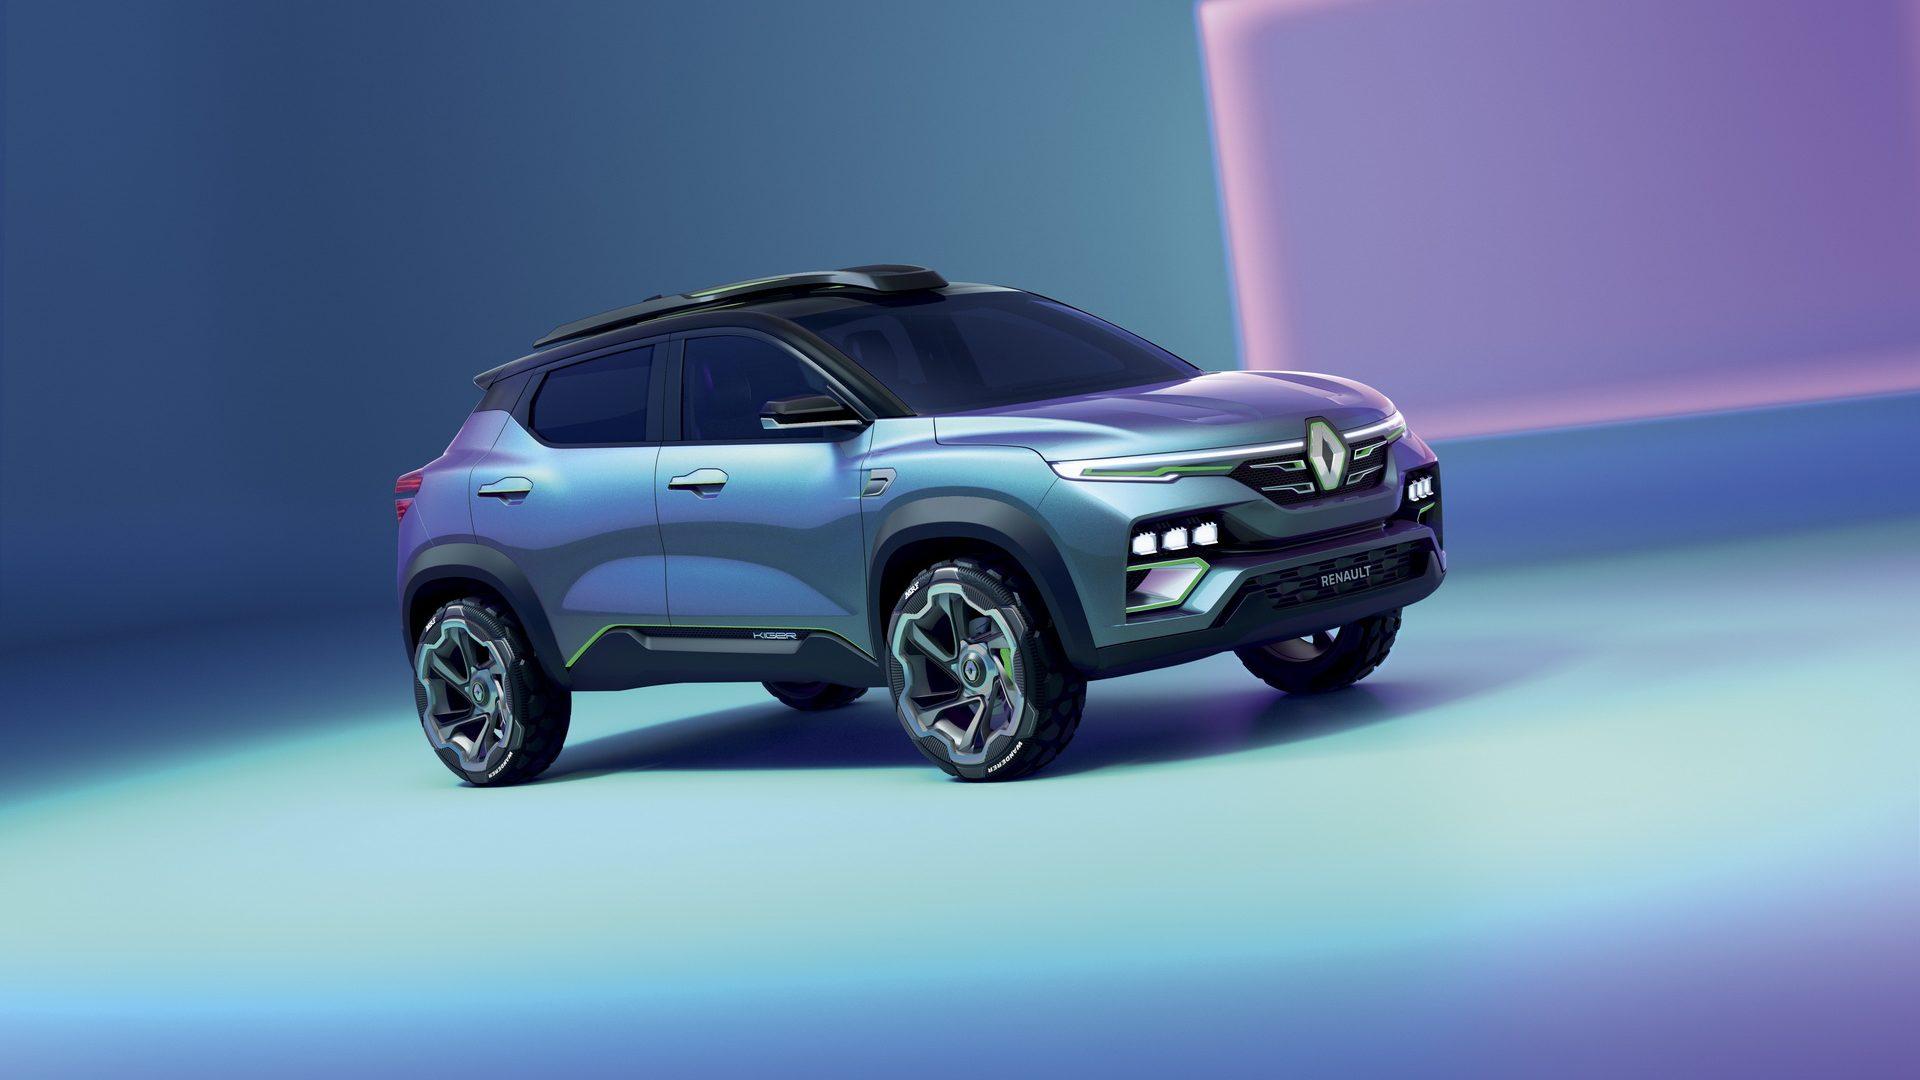 2020-Renault-Kiger-Concept-06